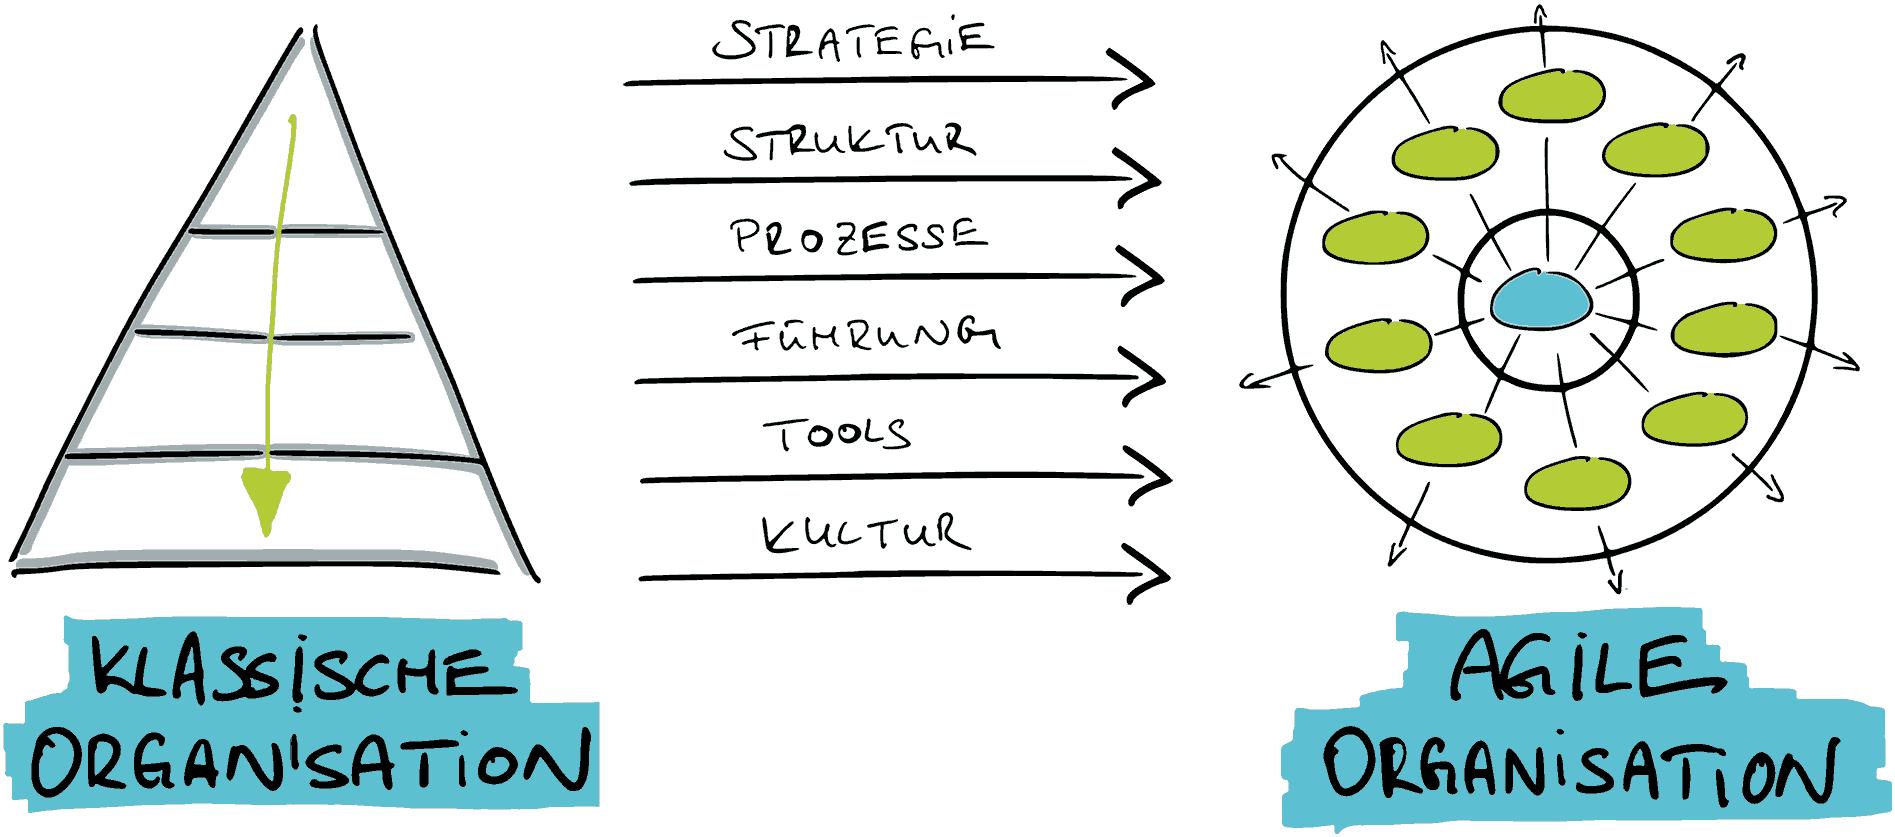 Klassische und Agile Organisation